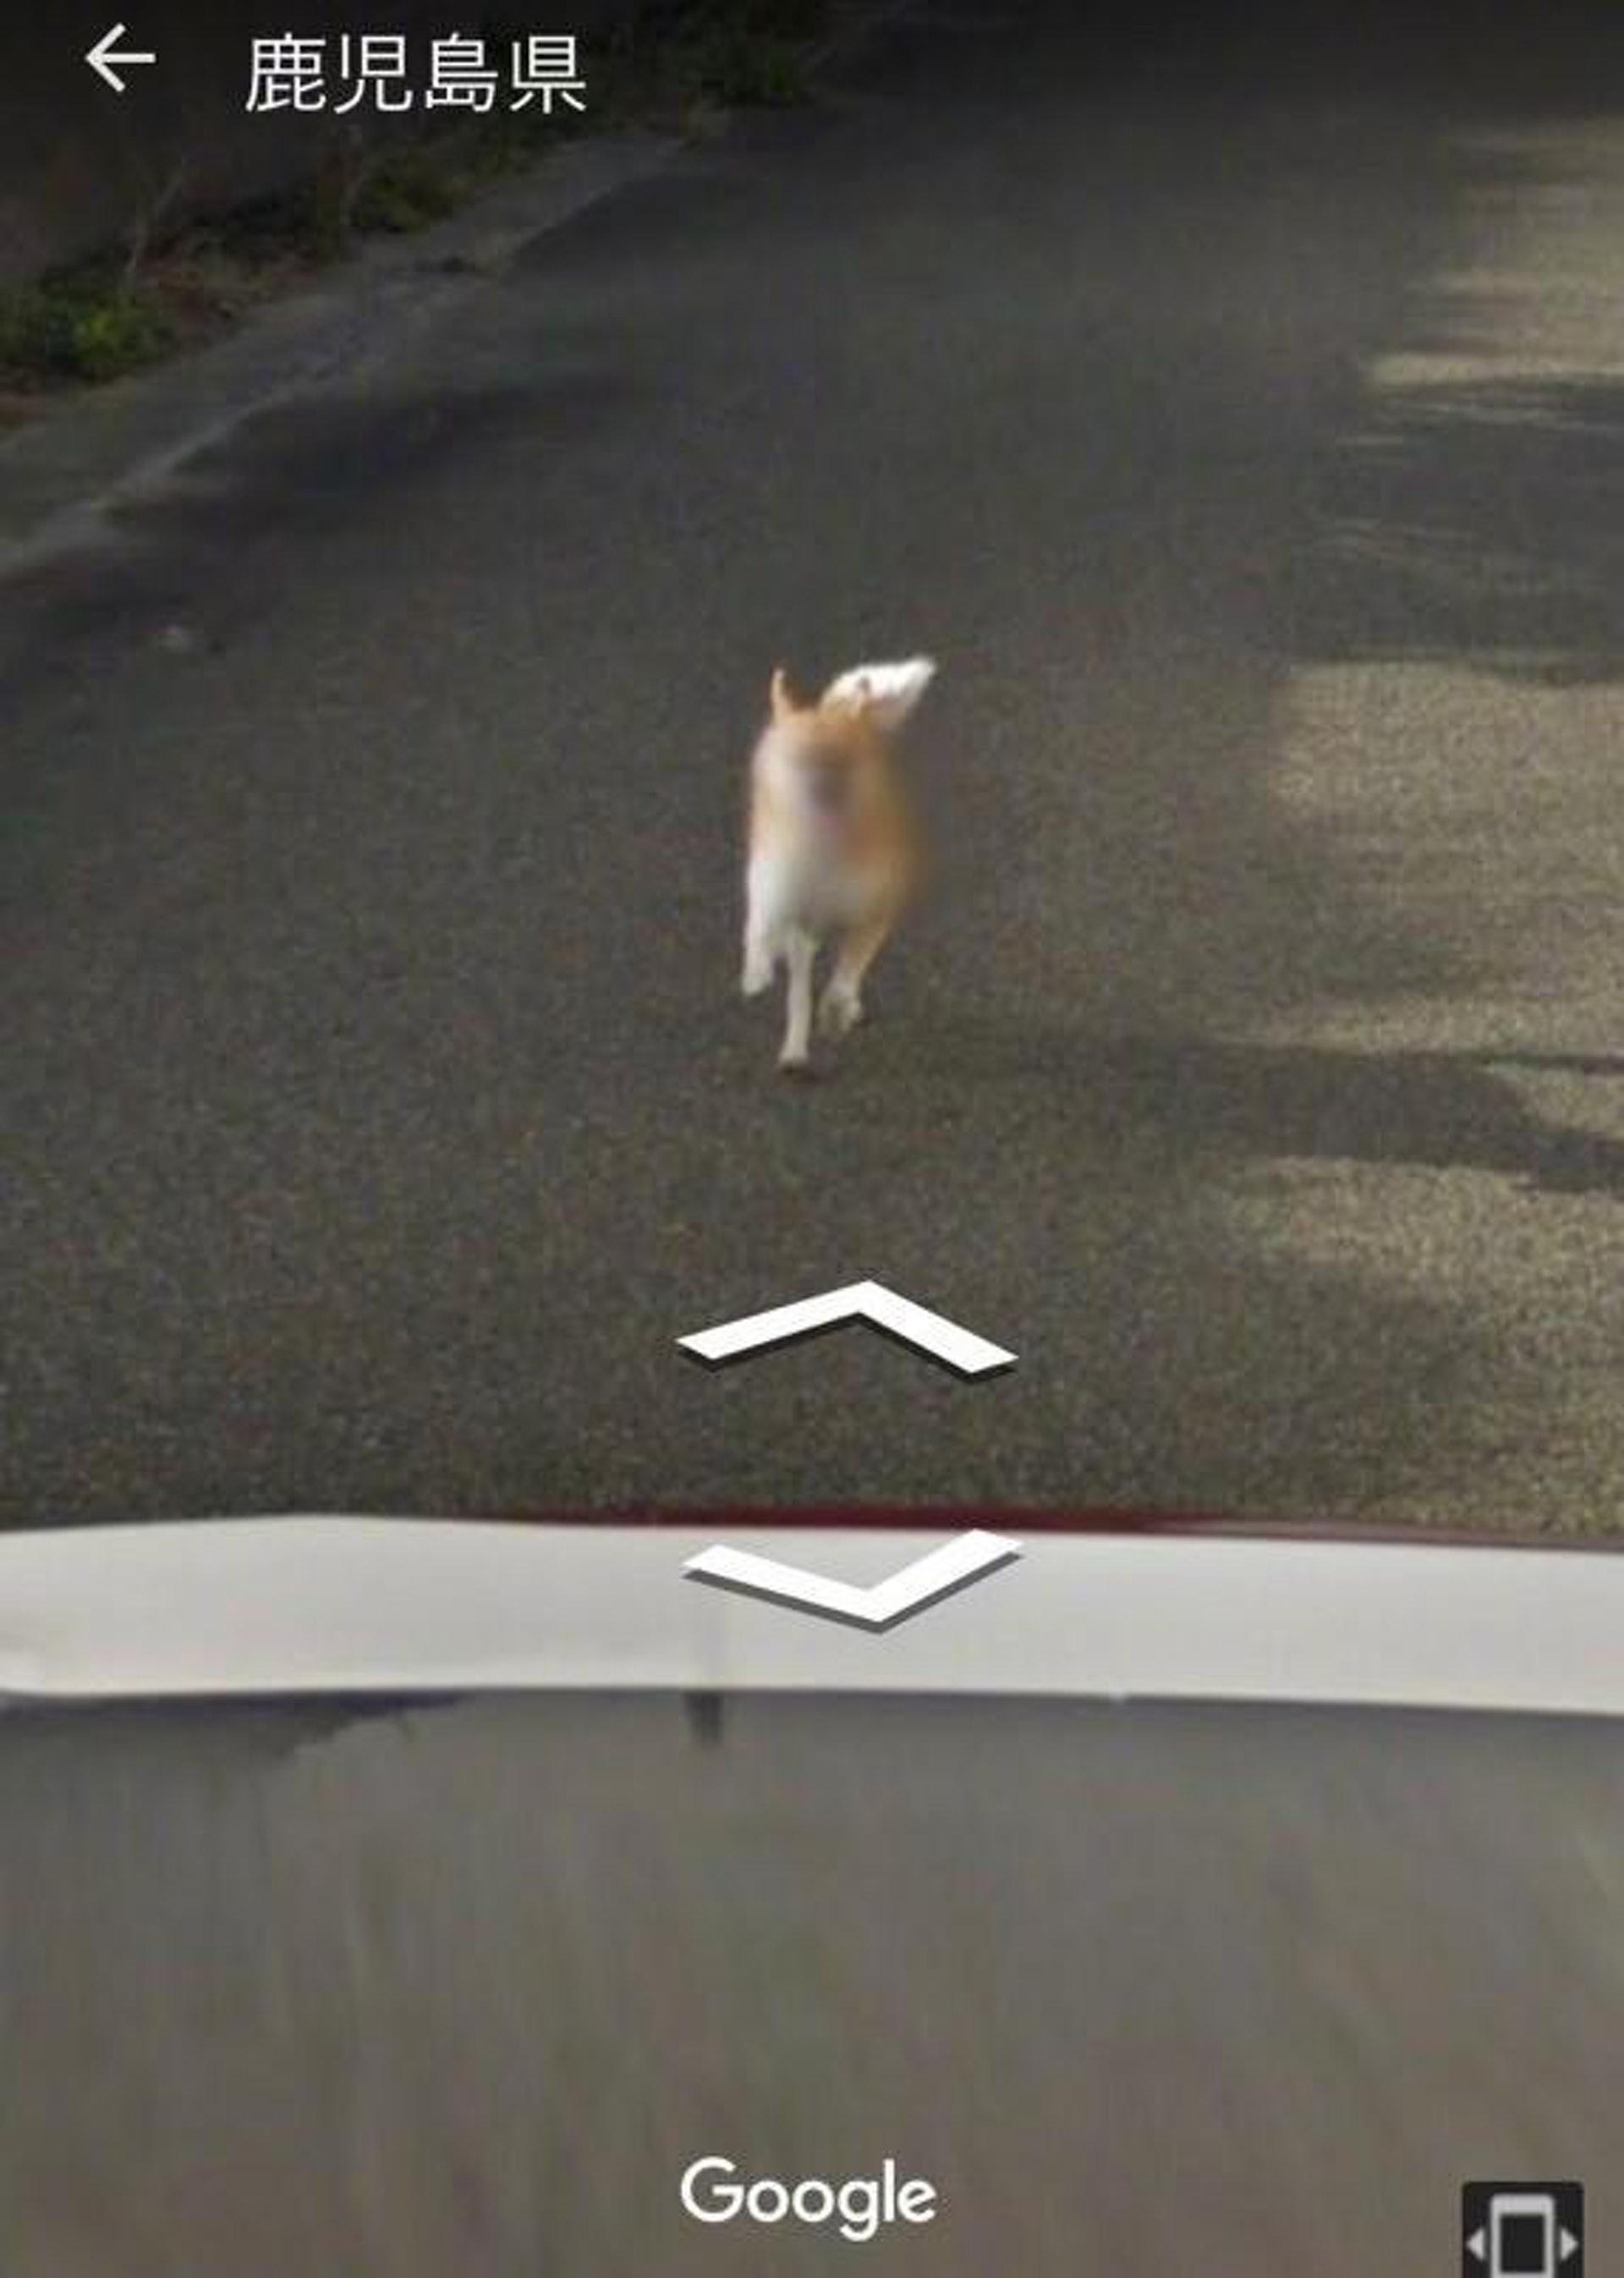 拍摄地点是鹿儿岛县,不知现在这照片是否还在。 (Google街景服务截图)